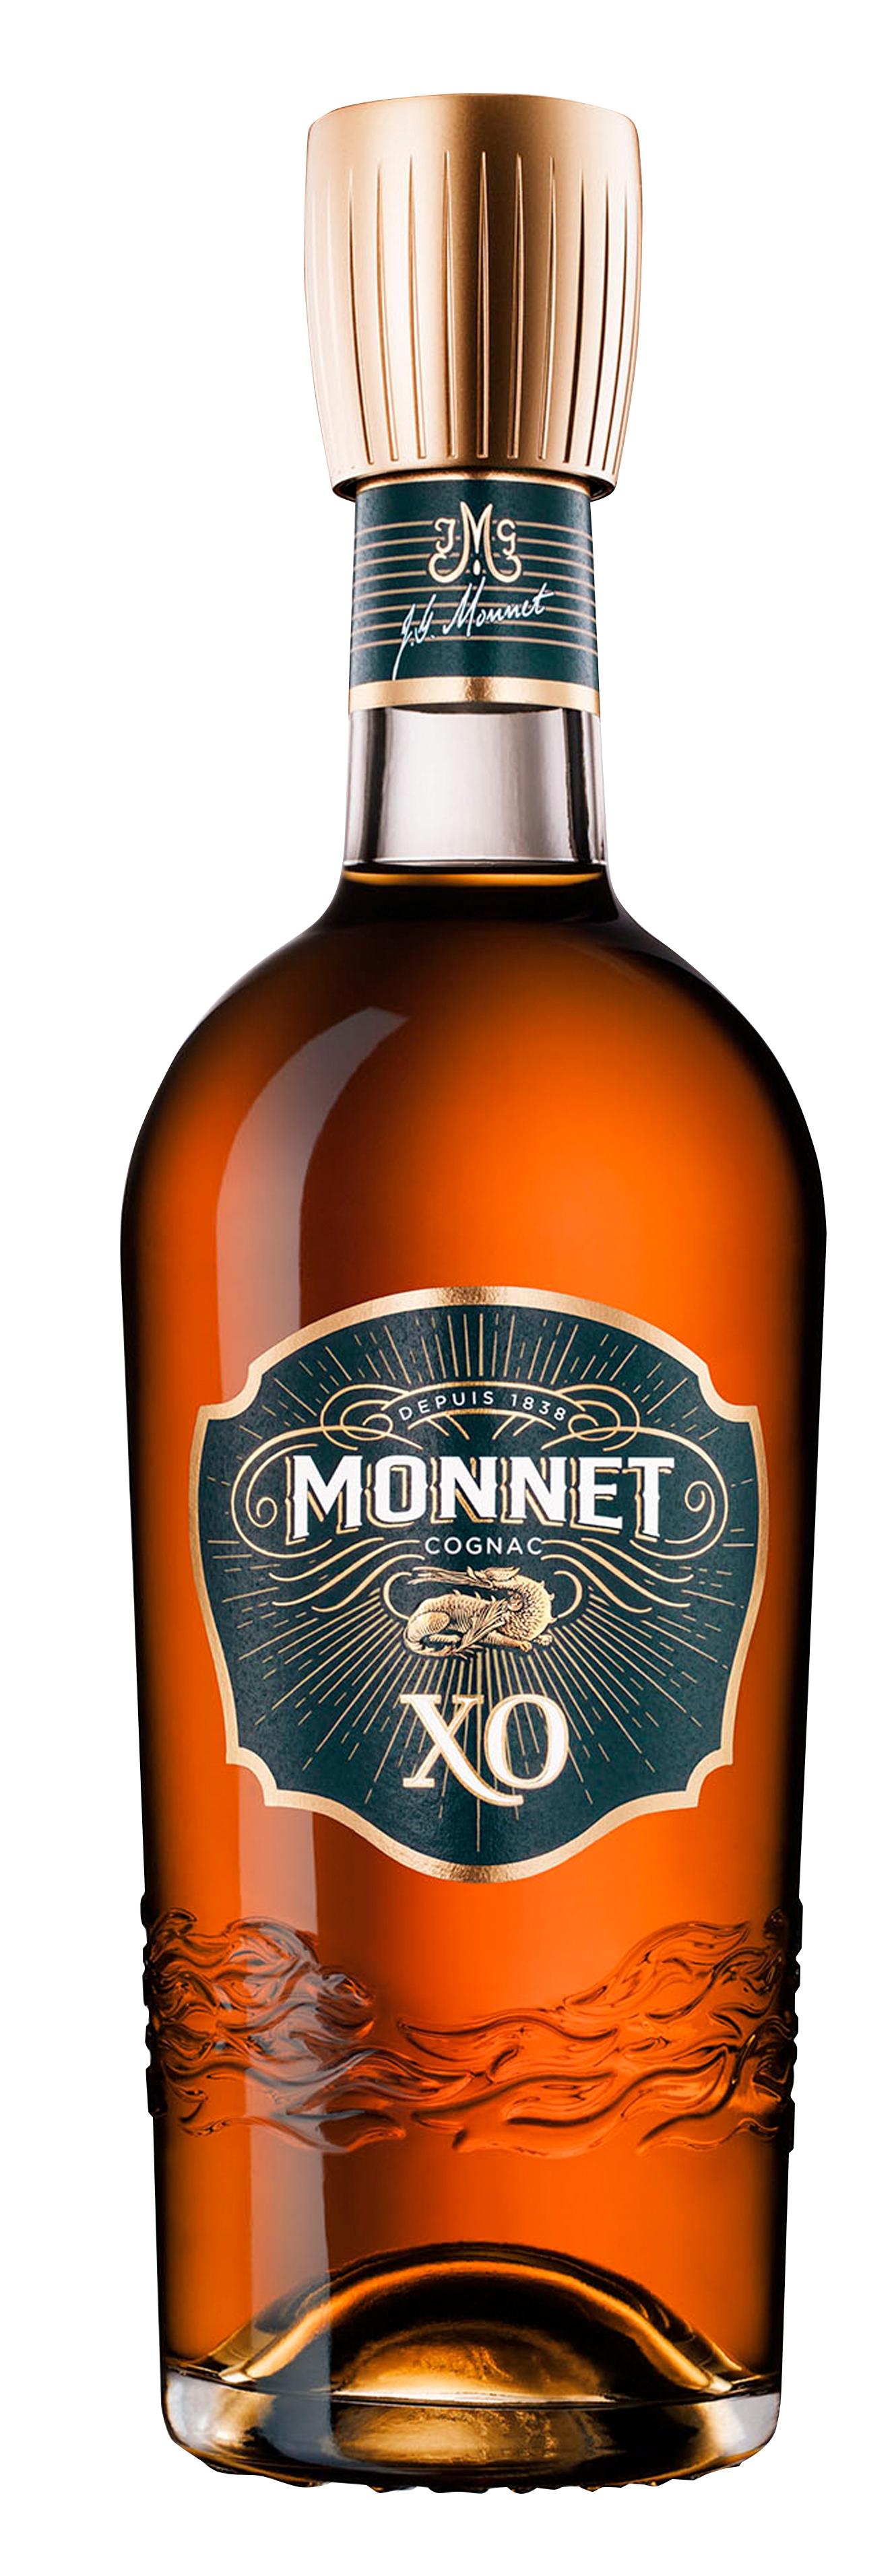 Cognac Monnet XO